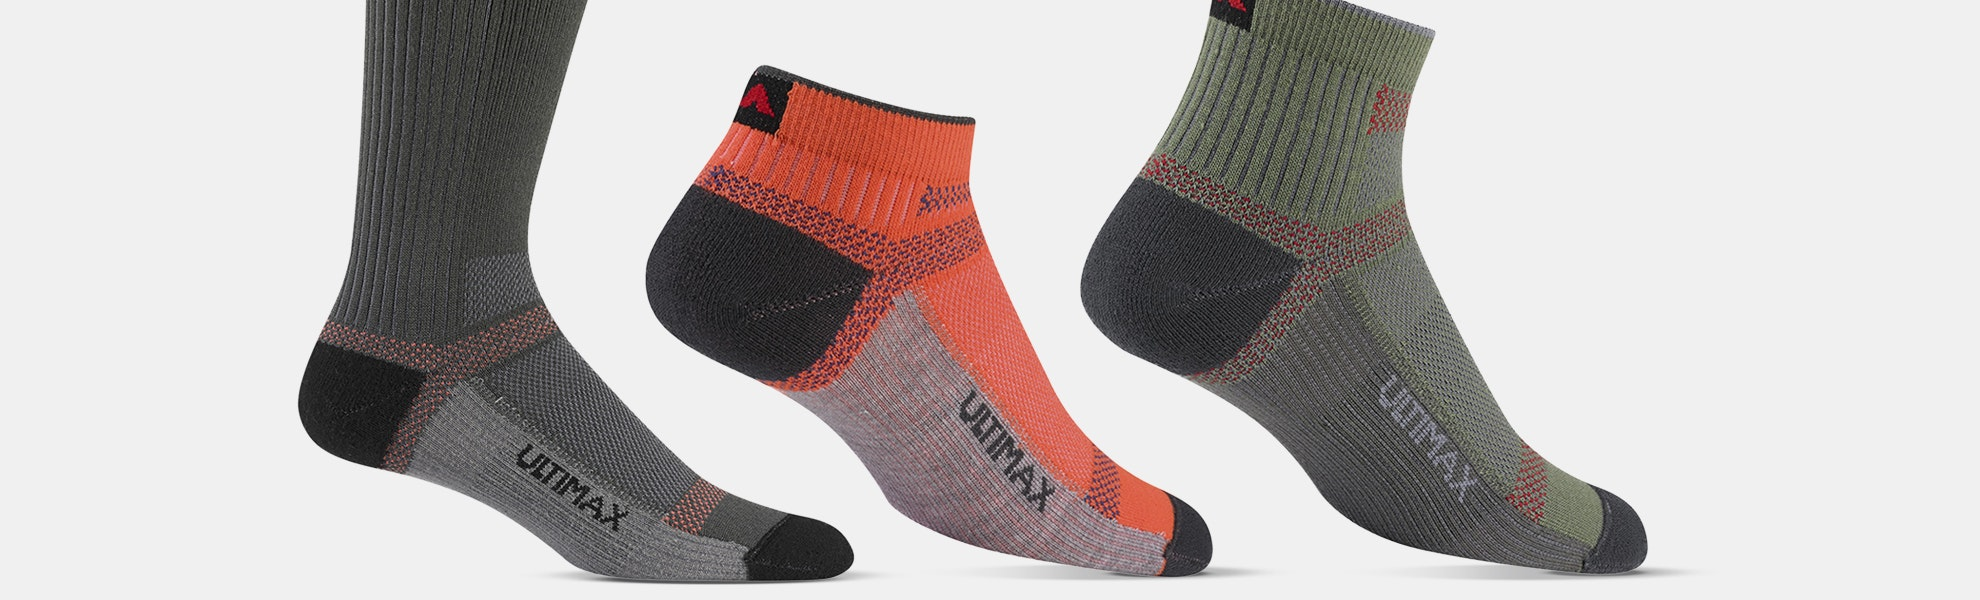 Wigwam Ultra Cool Lite Socks (2-Pack)